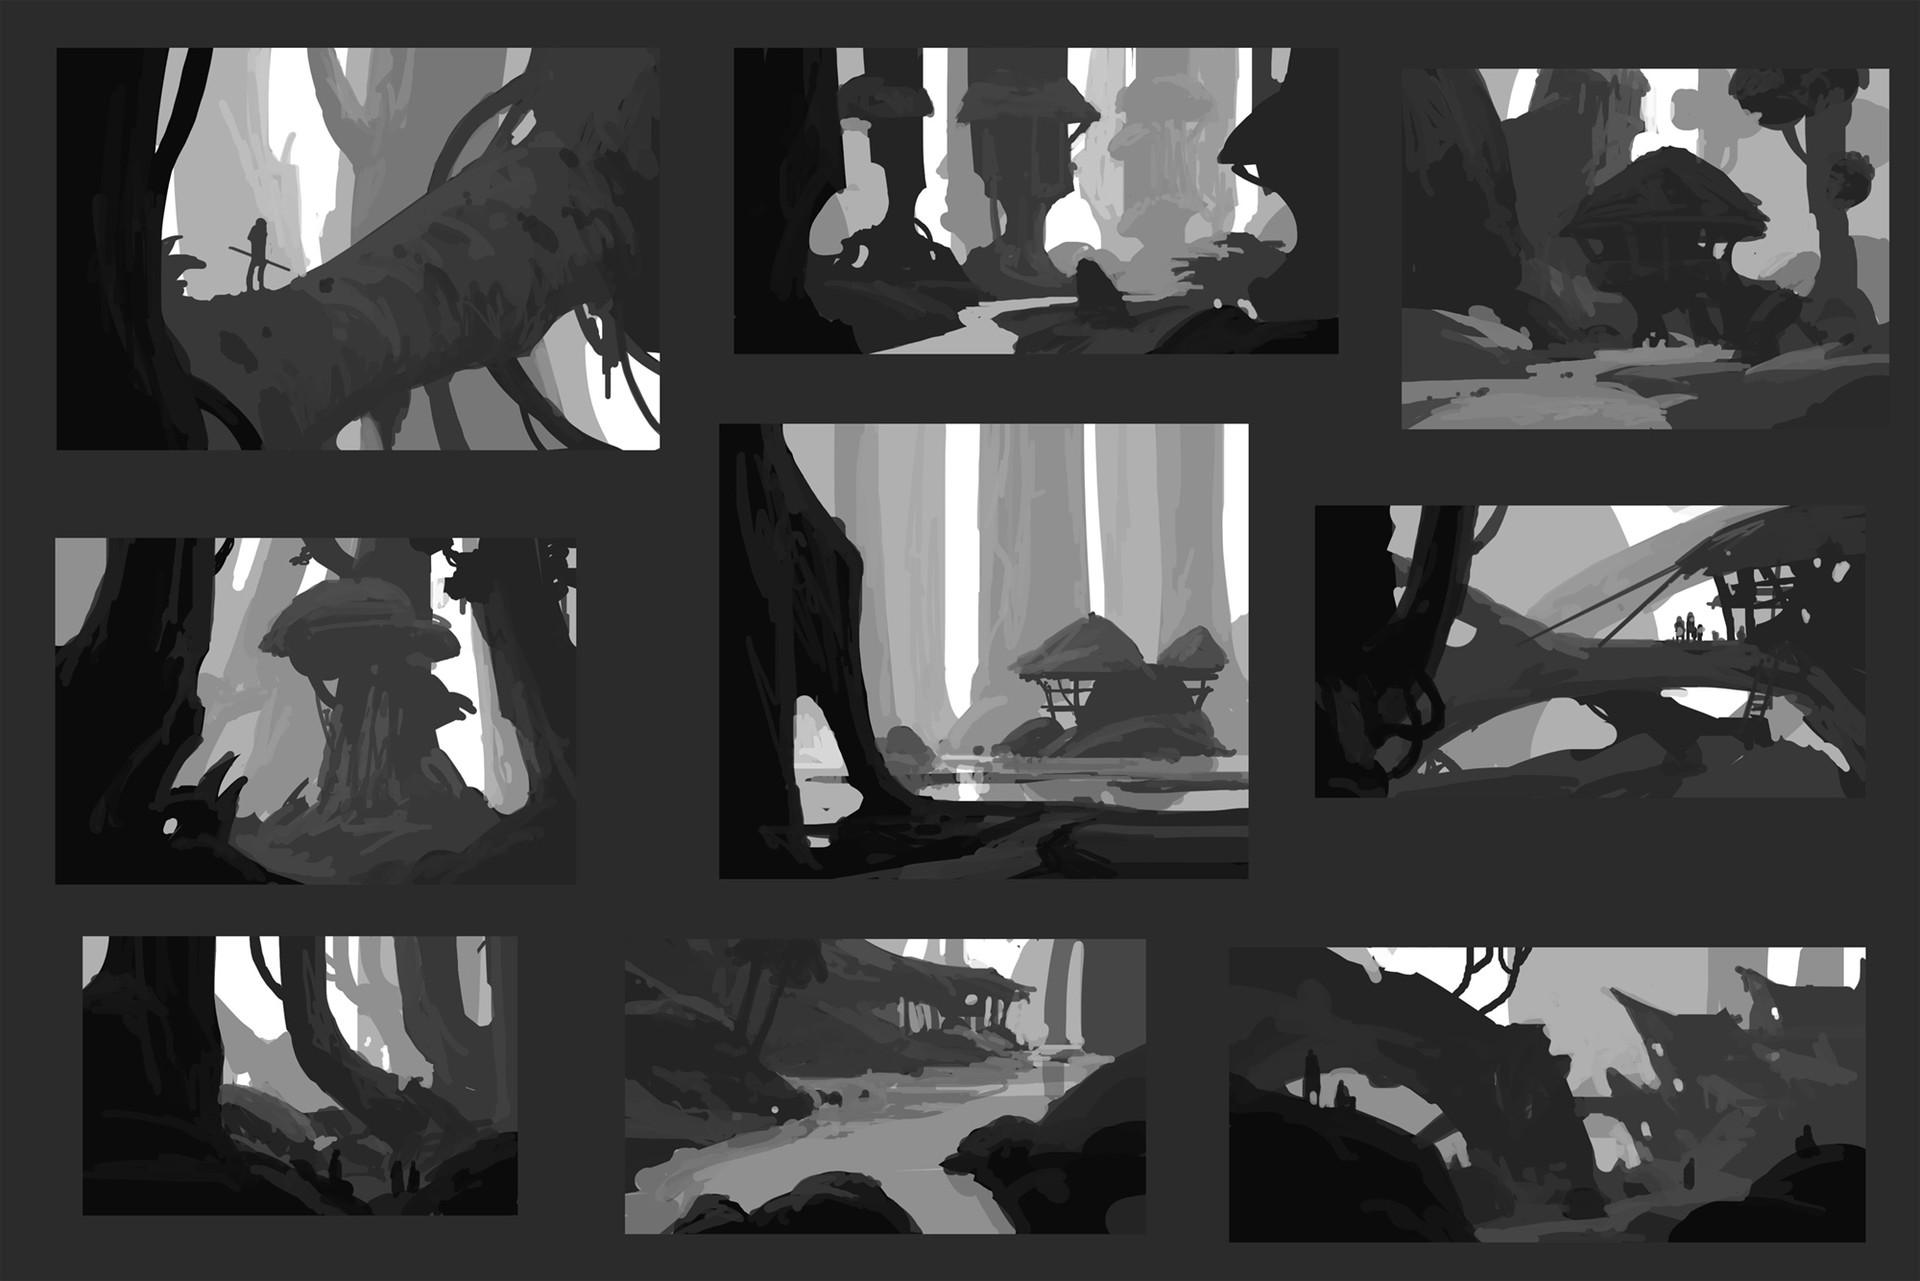 La galerie de loulou - Page 2 Andreas-rocha-thumbnailspatreon28